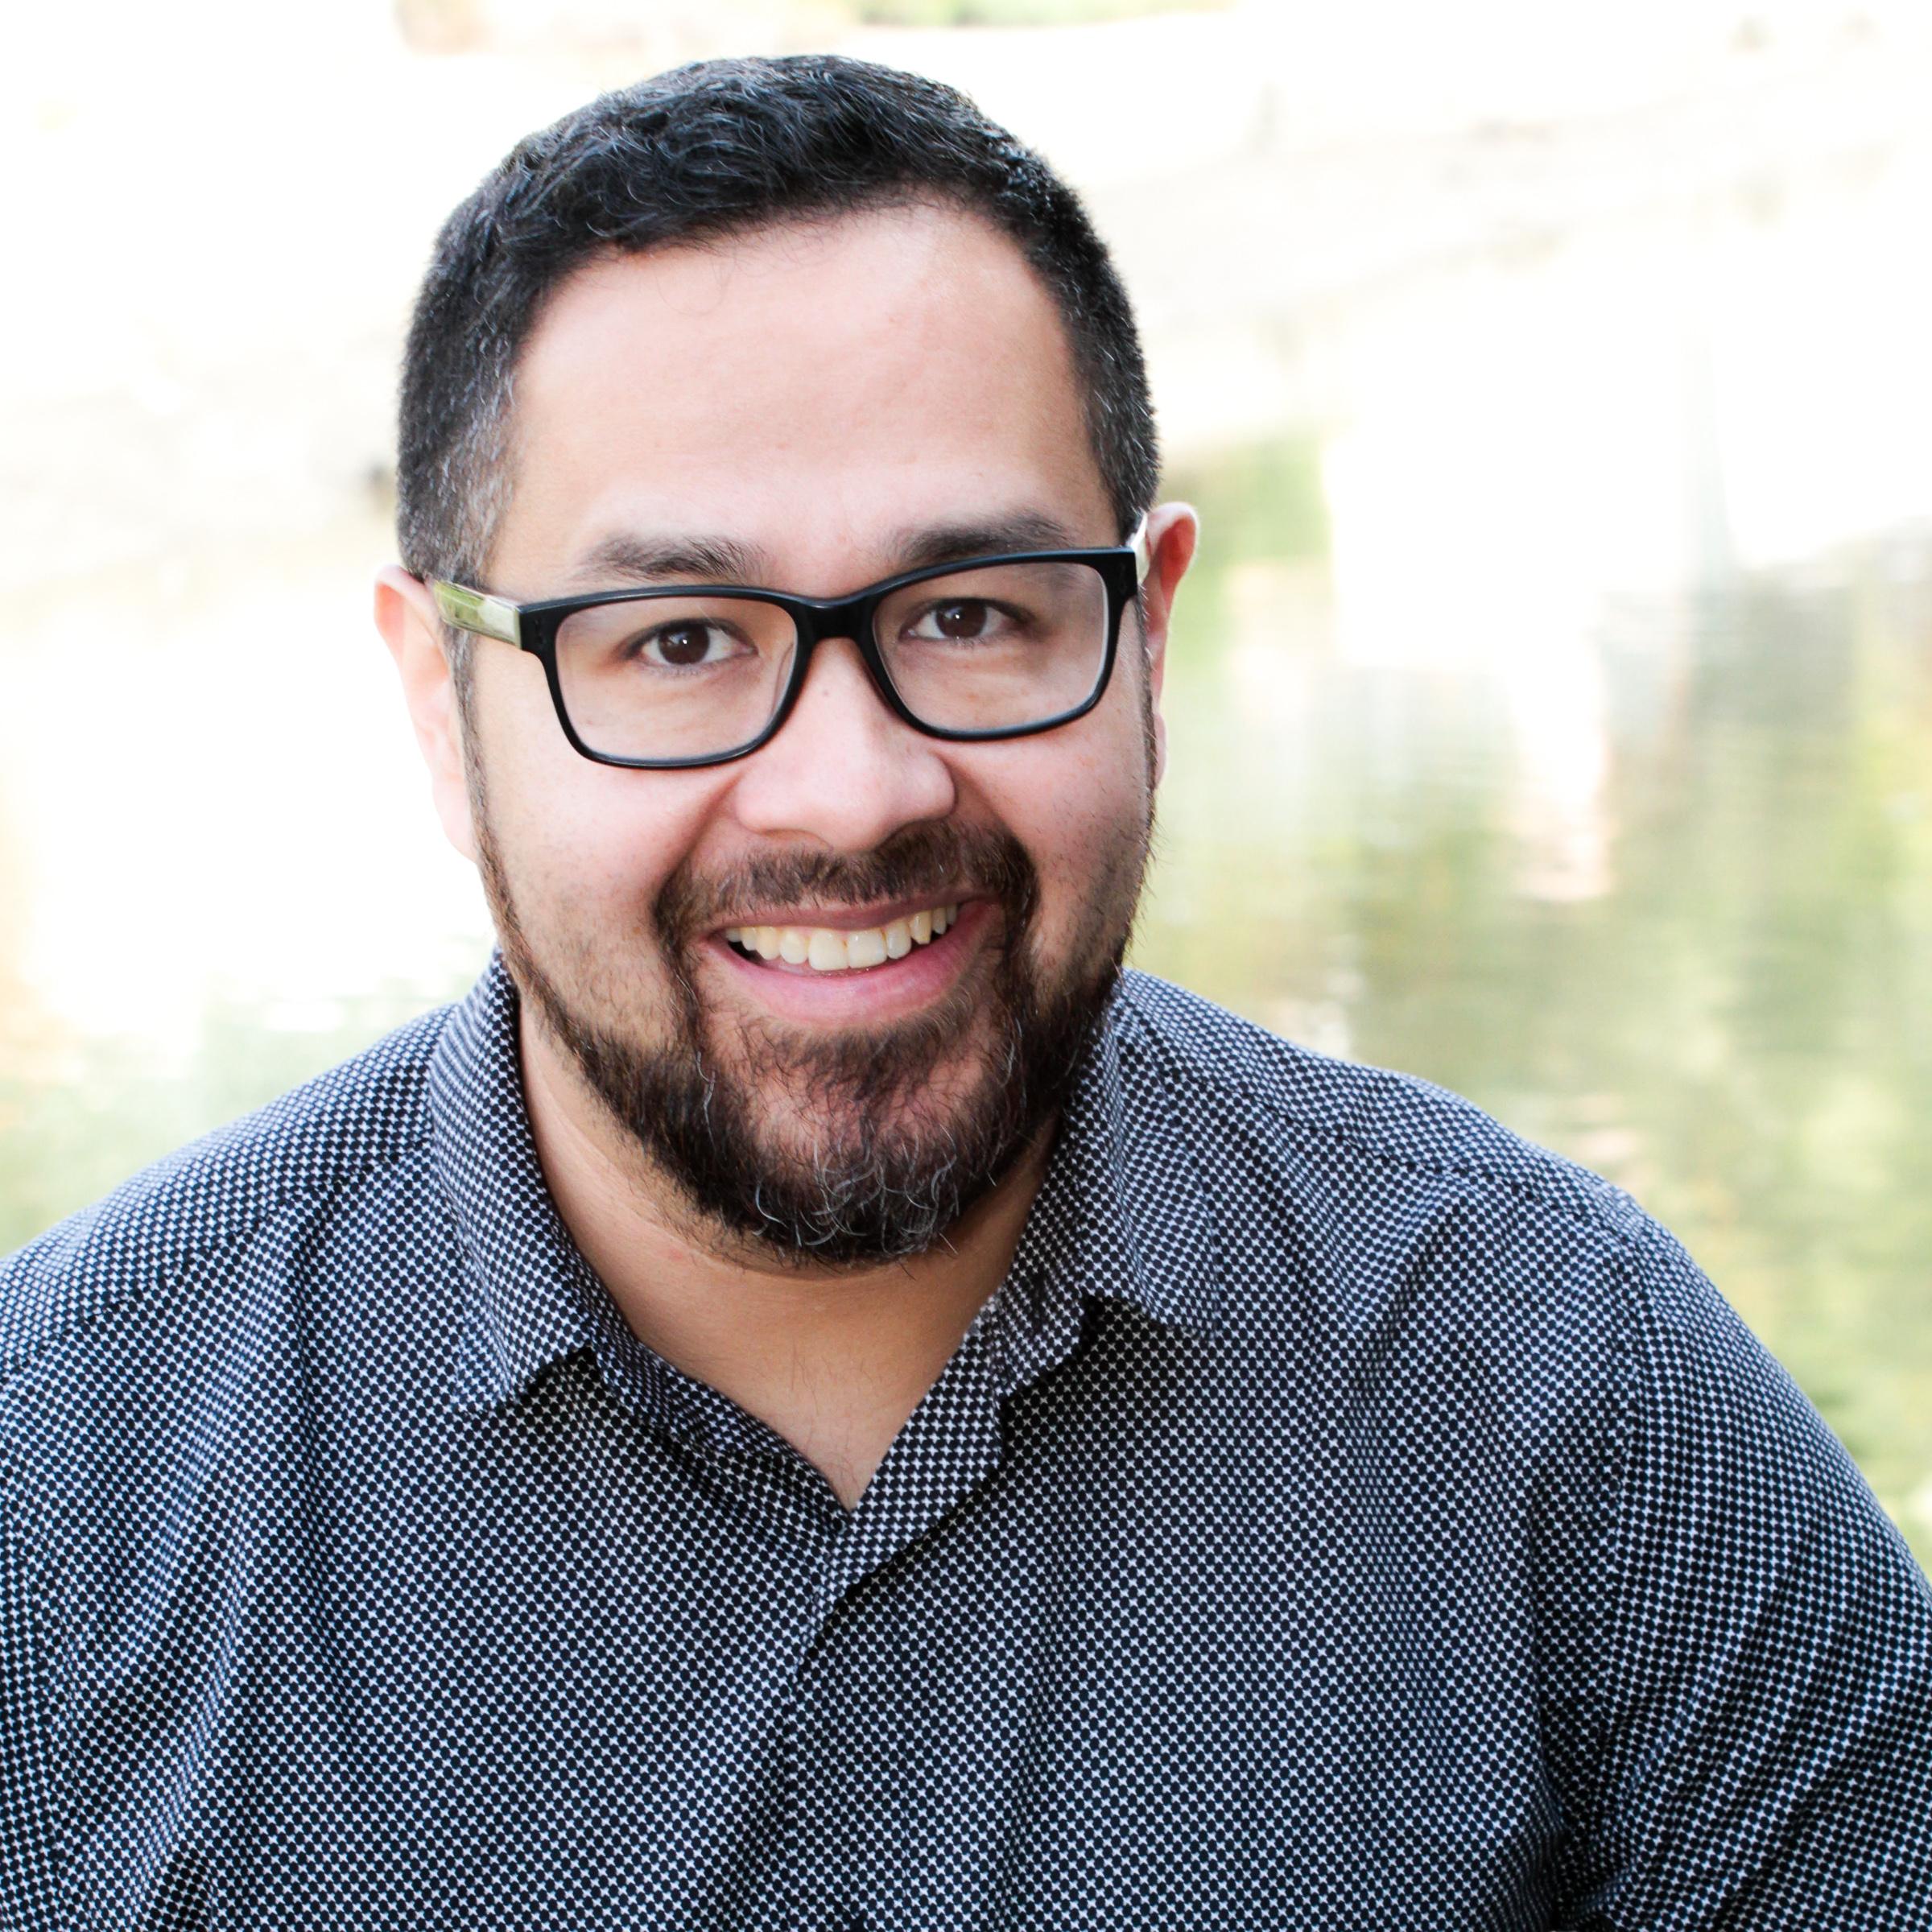 Jose Oliva Headshot.jpg